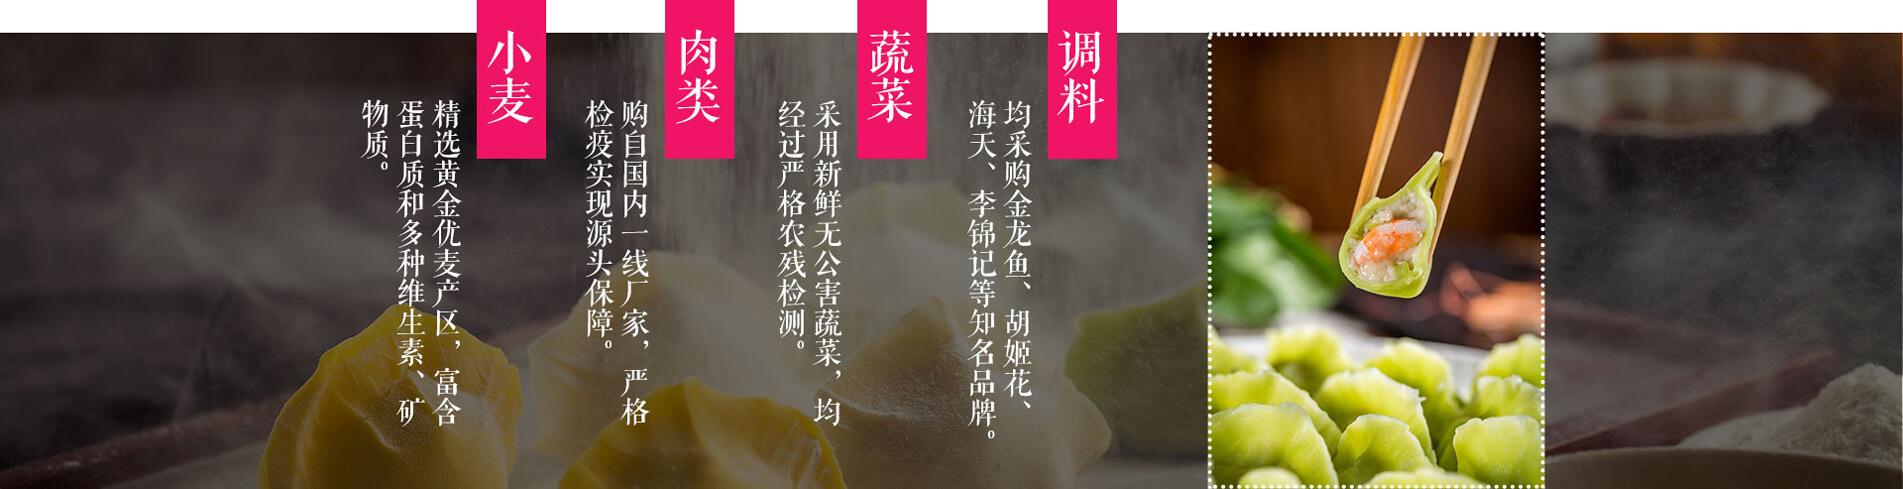 惠美饺子加盟精心选材